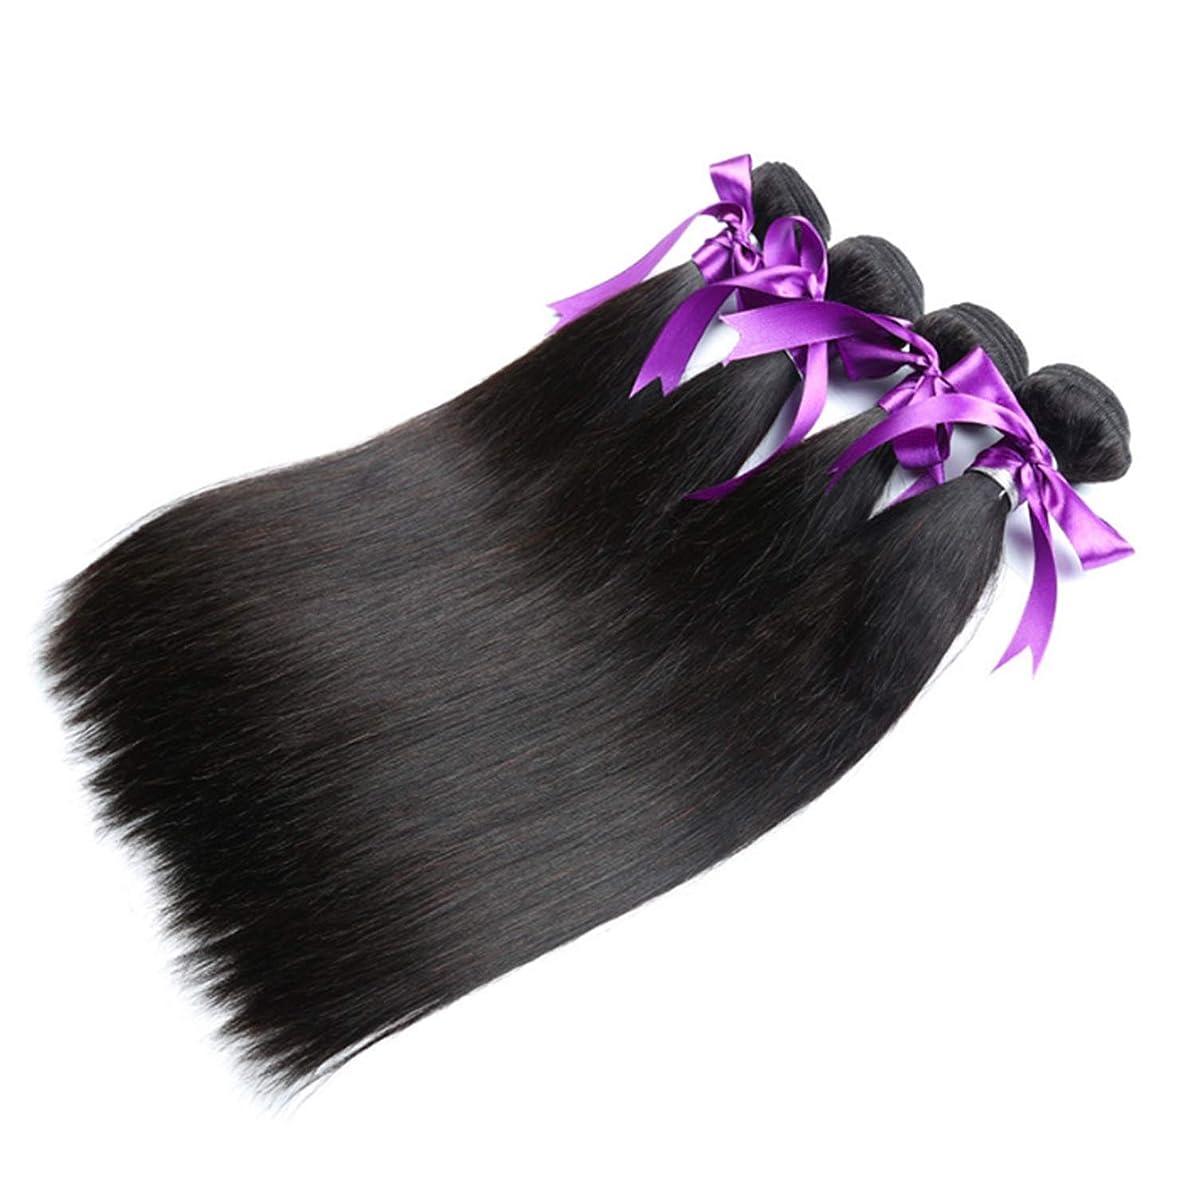 ペルーのストレートヘア4本の人間の髪の毛の束非レミーの毛の延長ナチュラルブラック (Length : 8 8 10 10)